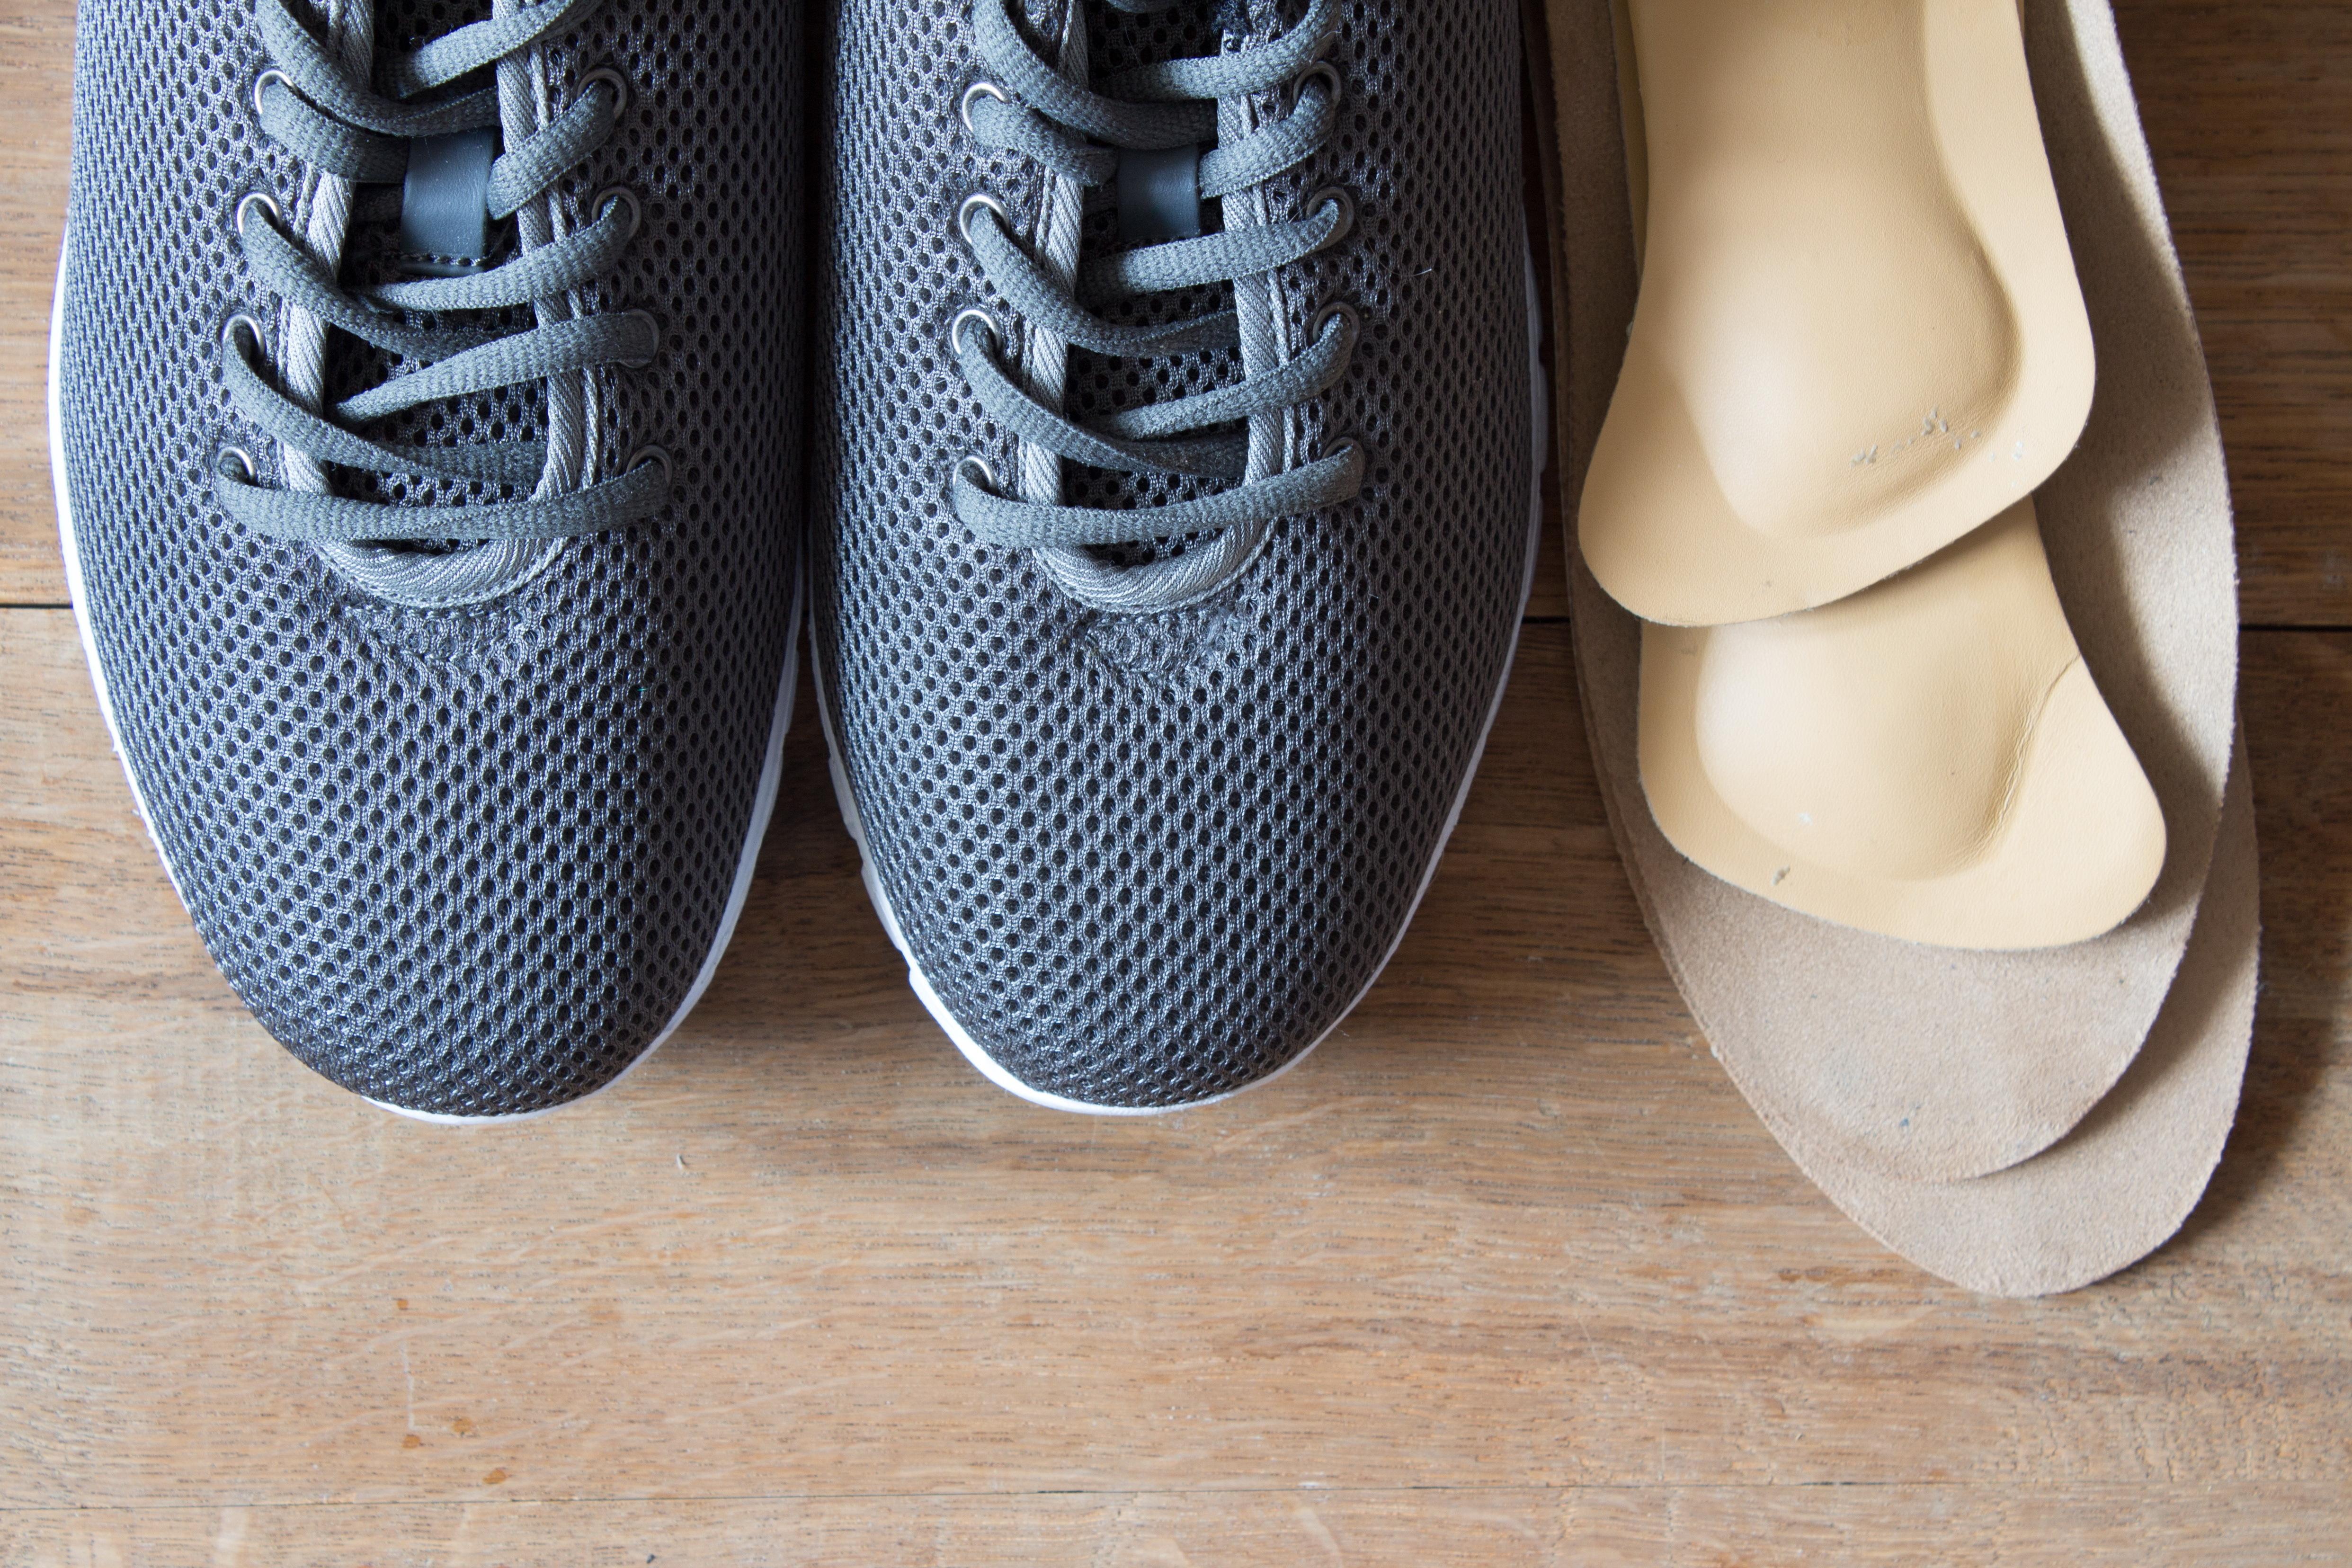 Quelques marques de chaussures célèbres